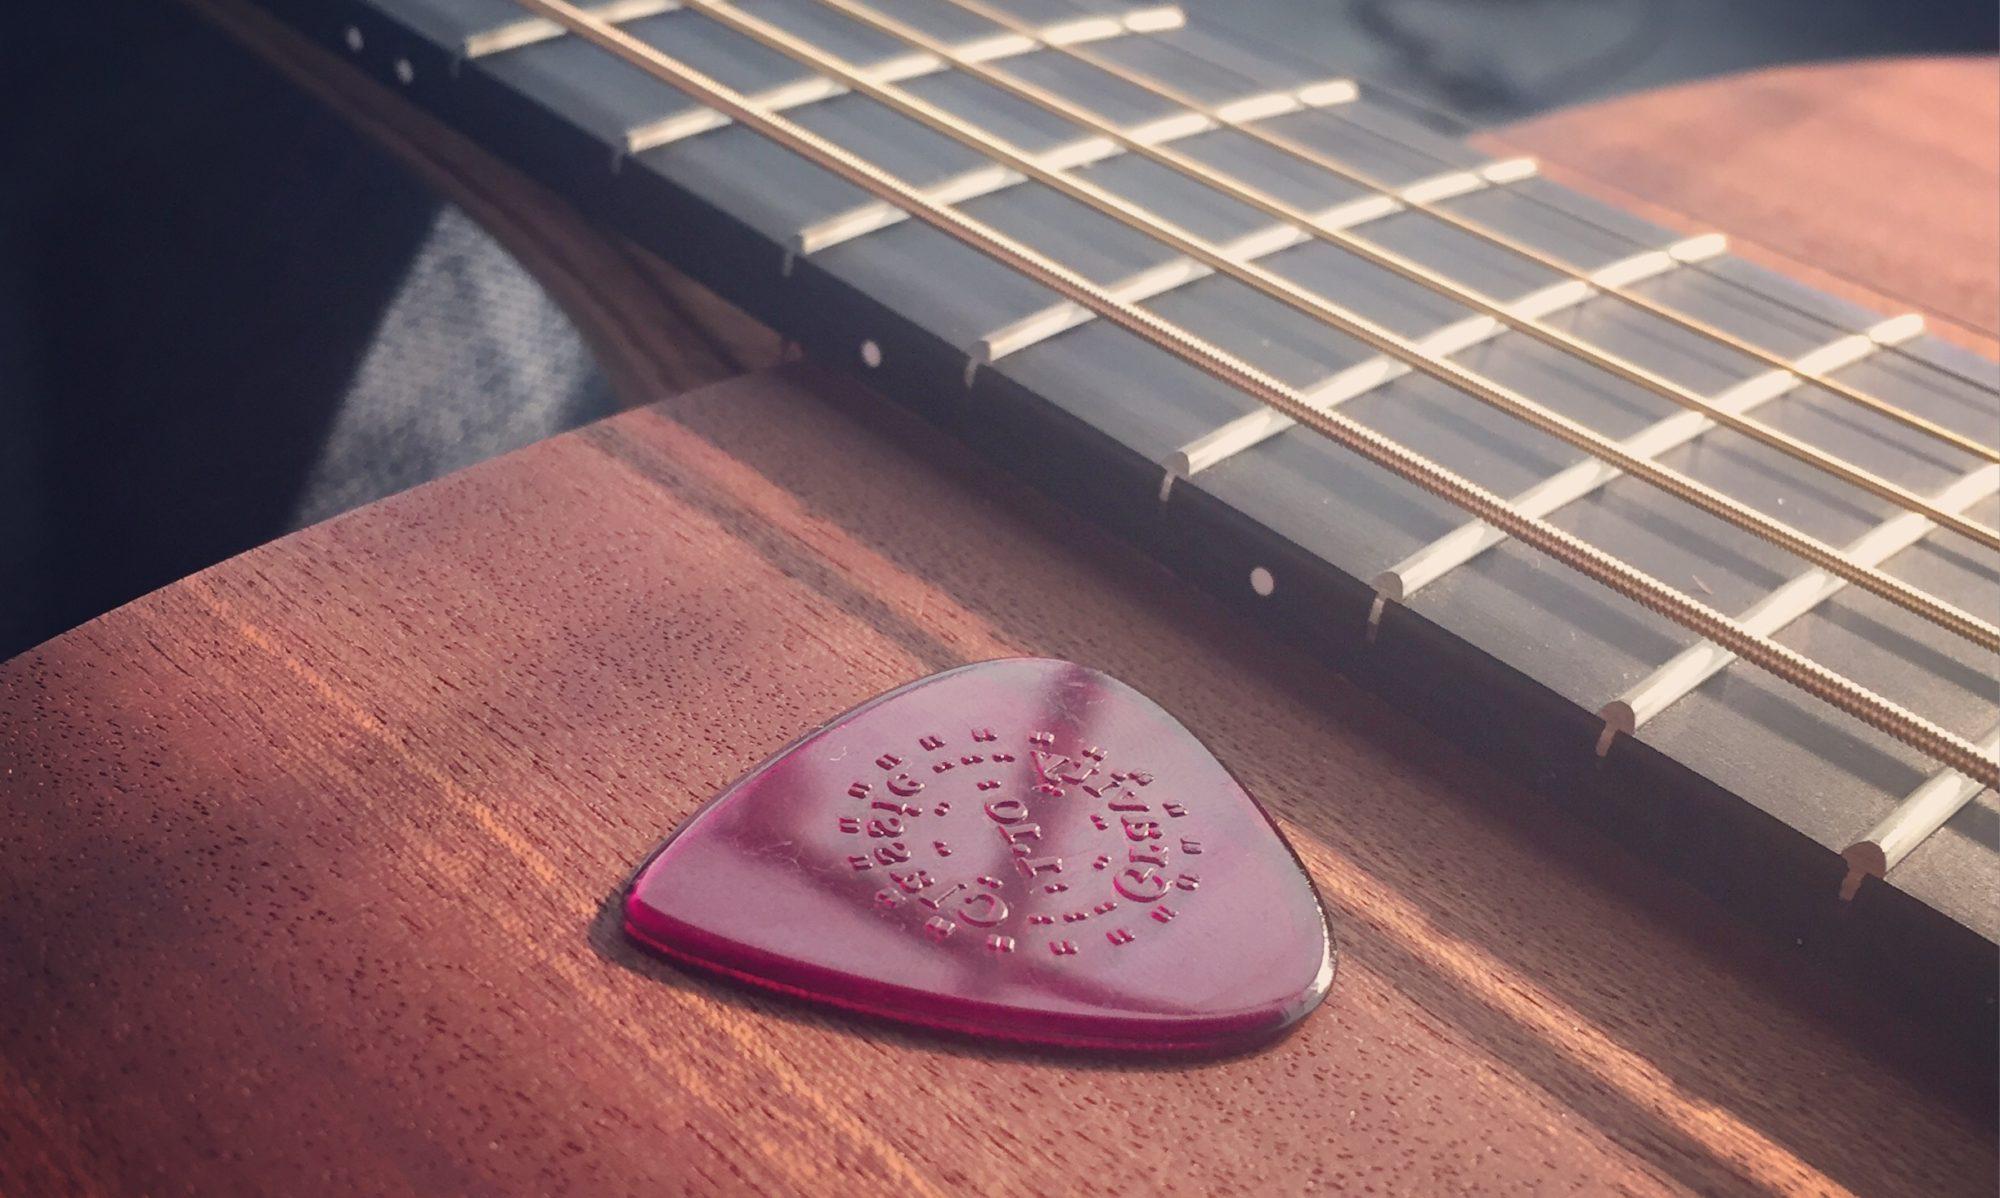 guitar and plectrum